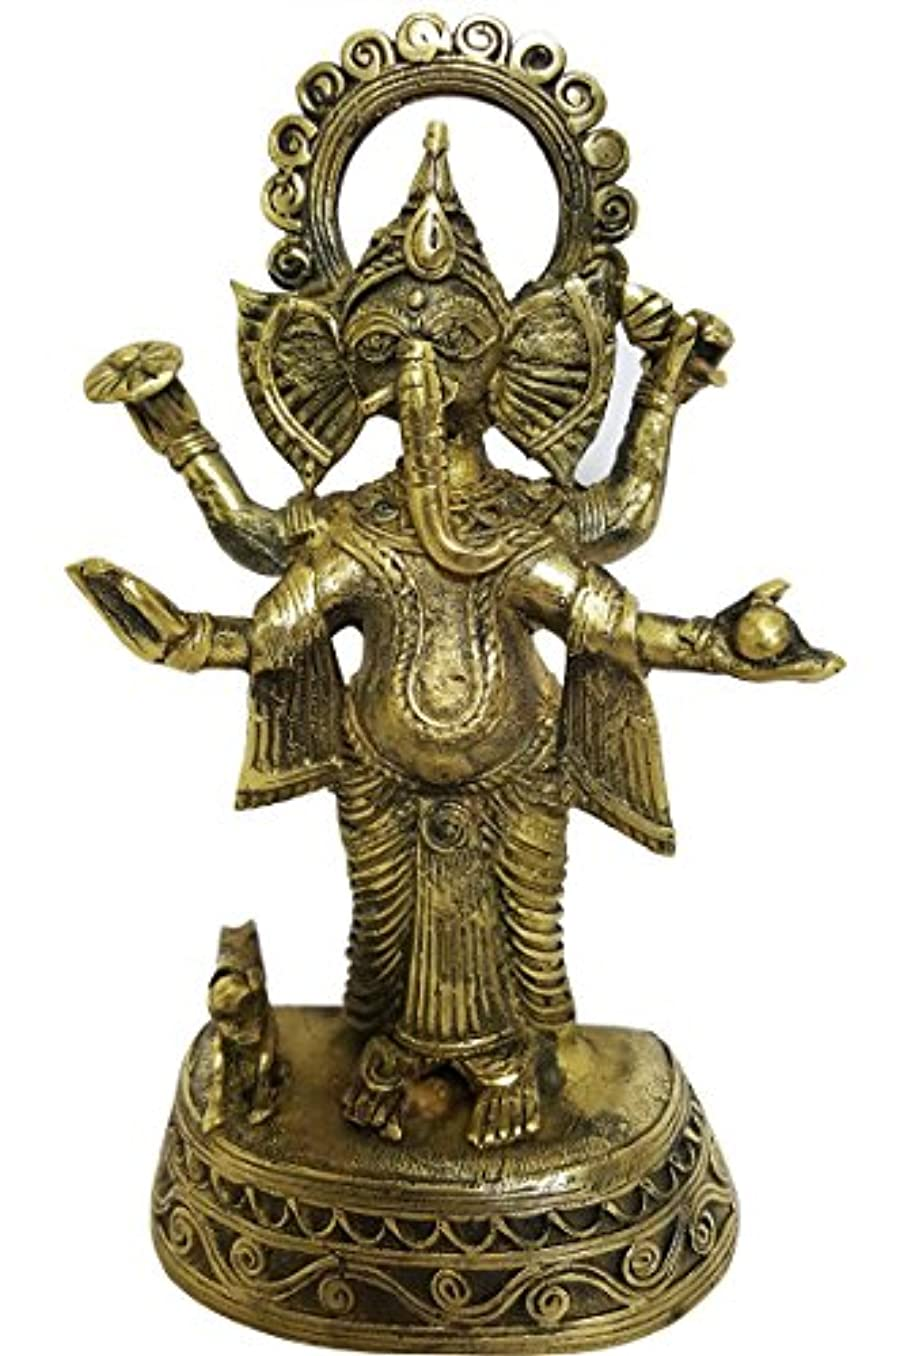 顧問勝利更新mehrunnisa手作りDhokra真鍮Chaturbhujガネーシャ彫刻( meh2232 )